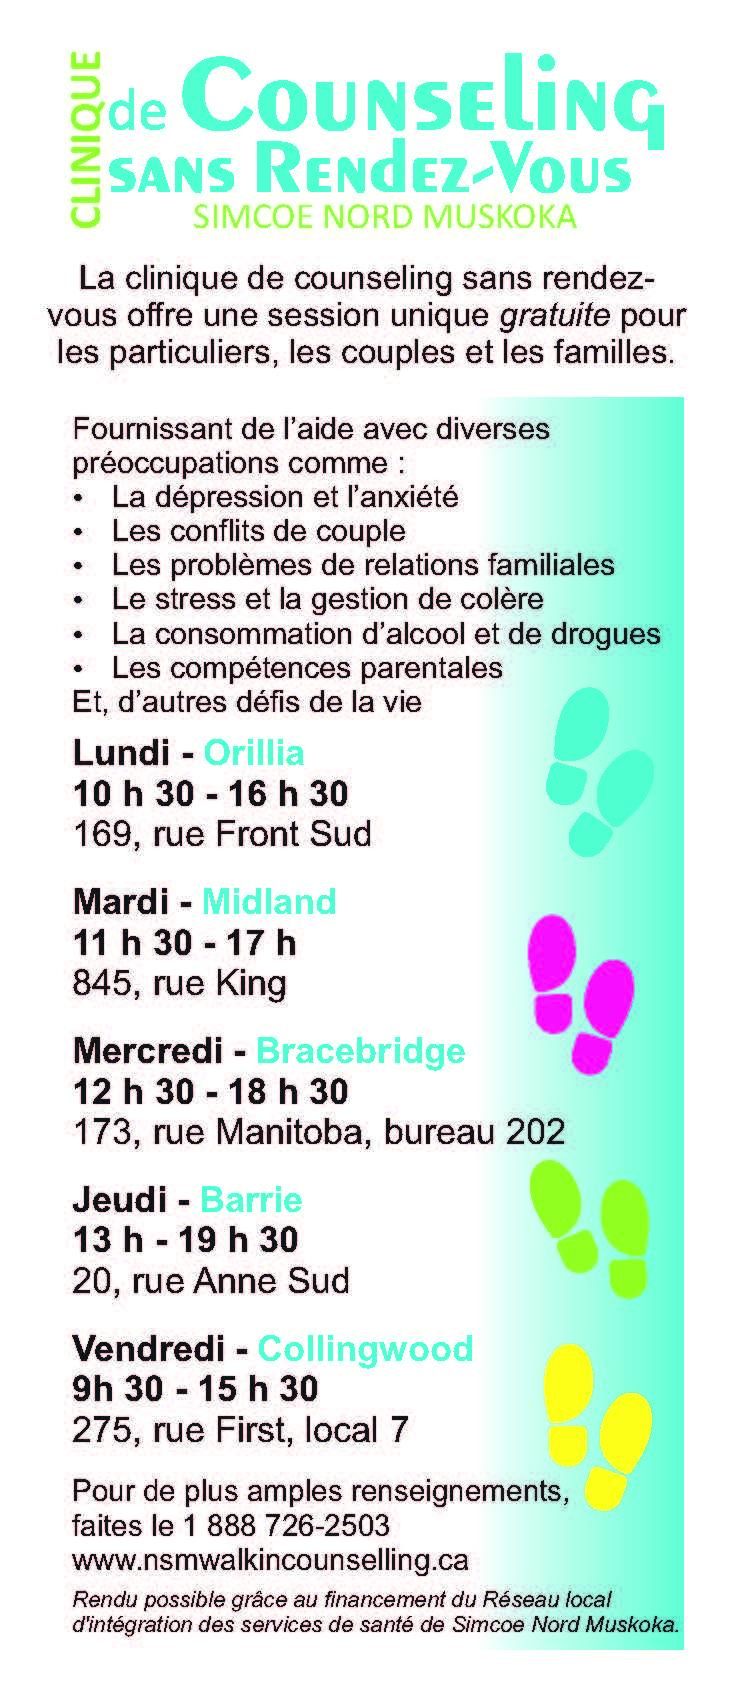 walk-in-counceling-clinic-nsm-fr